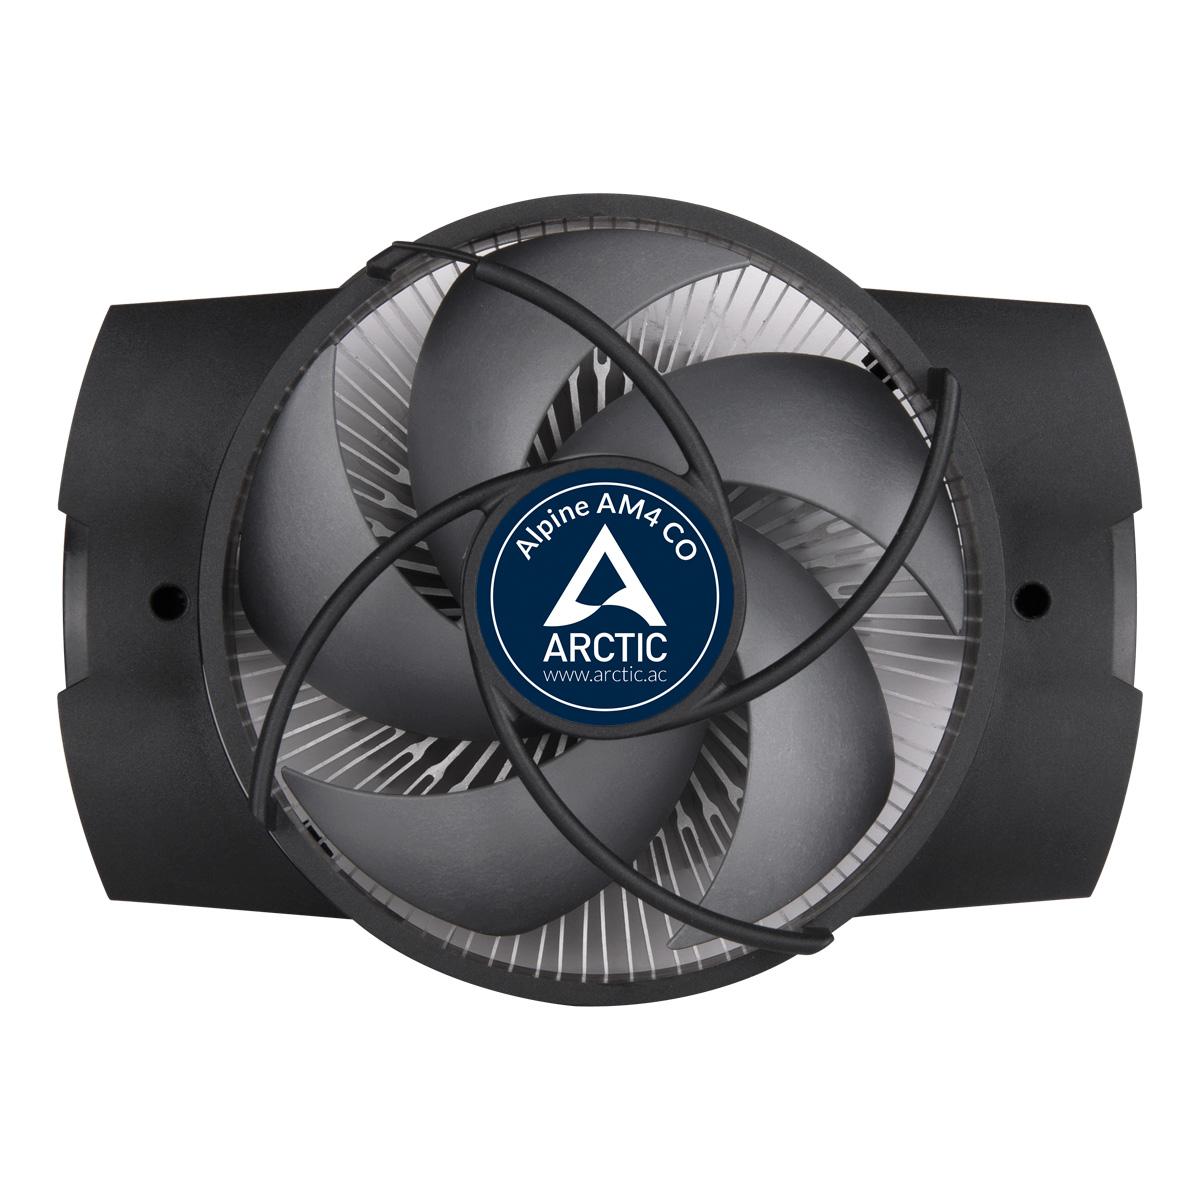 Kompakter AMD CPU-Kühler für Dauerbetrieb ARCTIC Alpine AM4 CO Vorderansicht